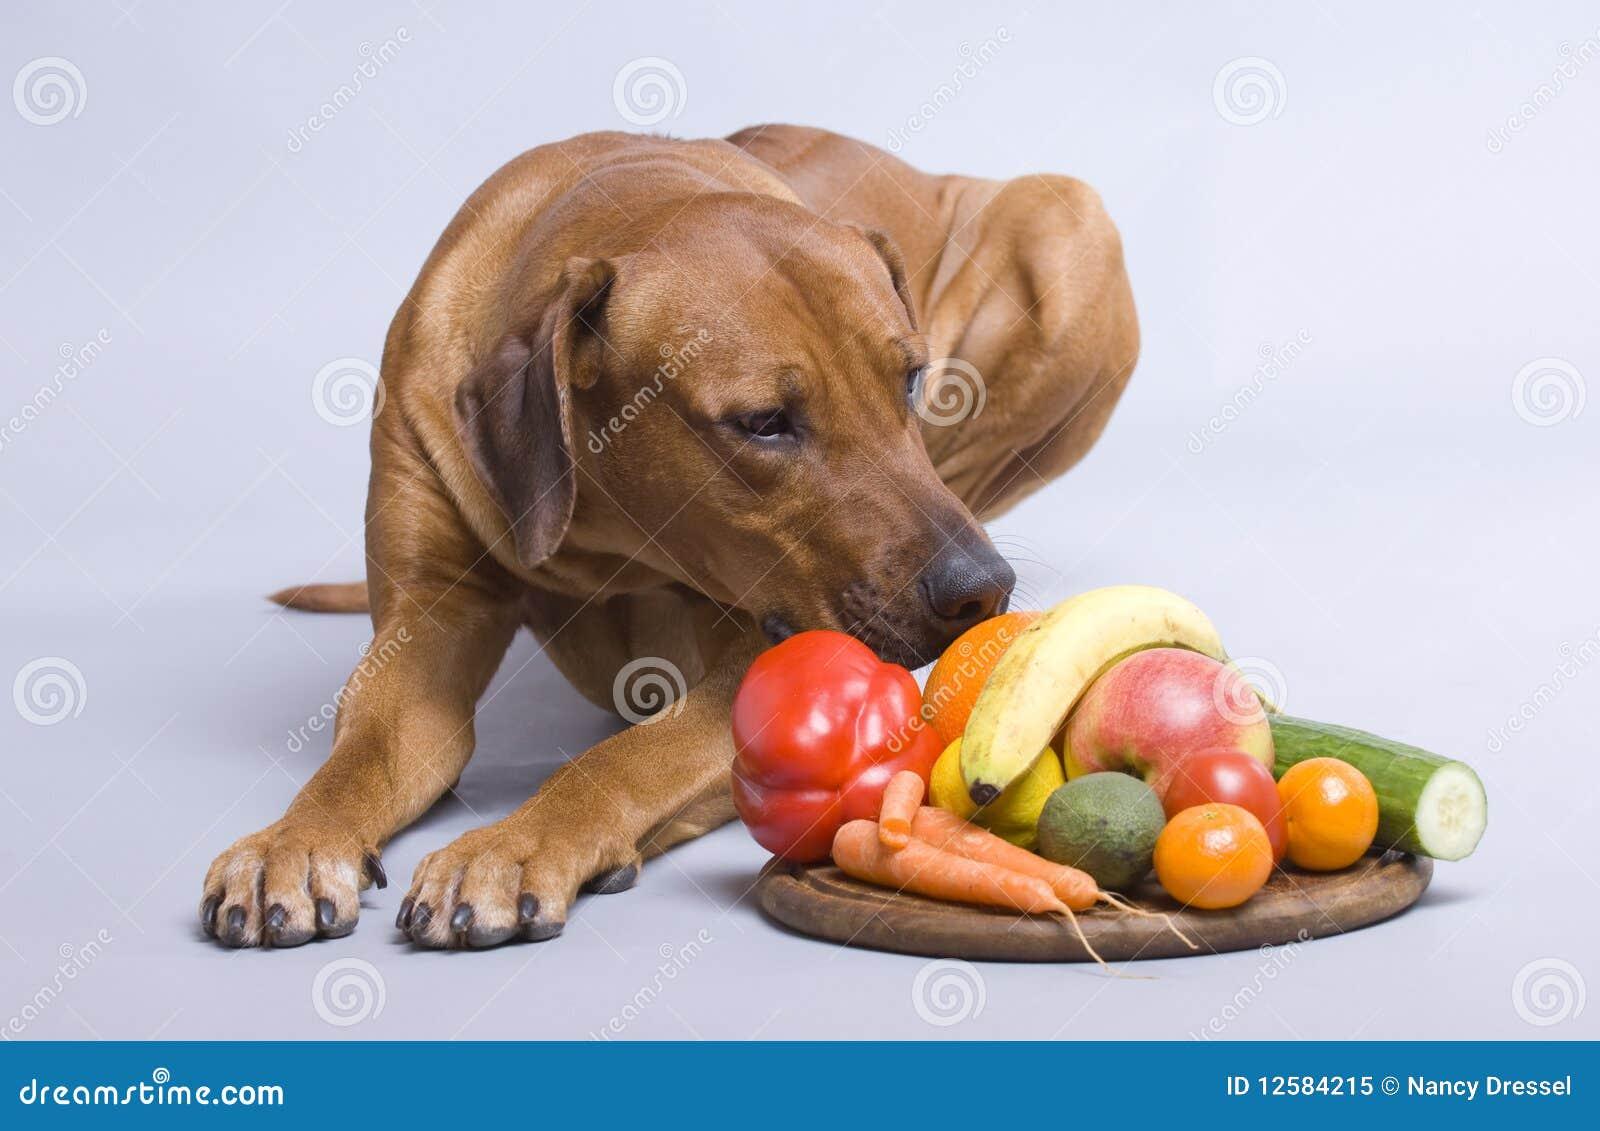 Dog Pushing Food Bowl